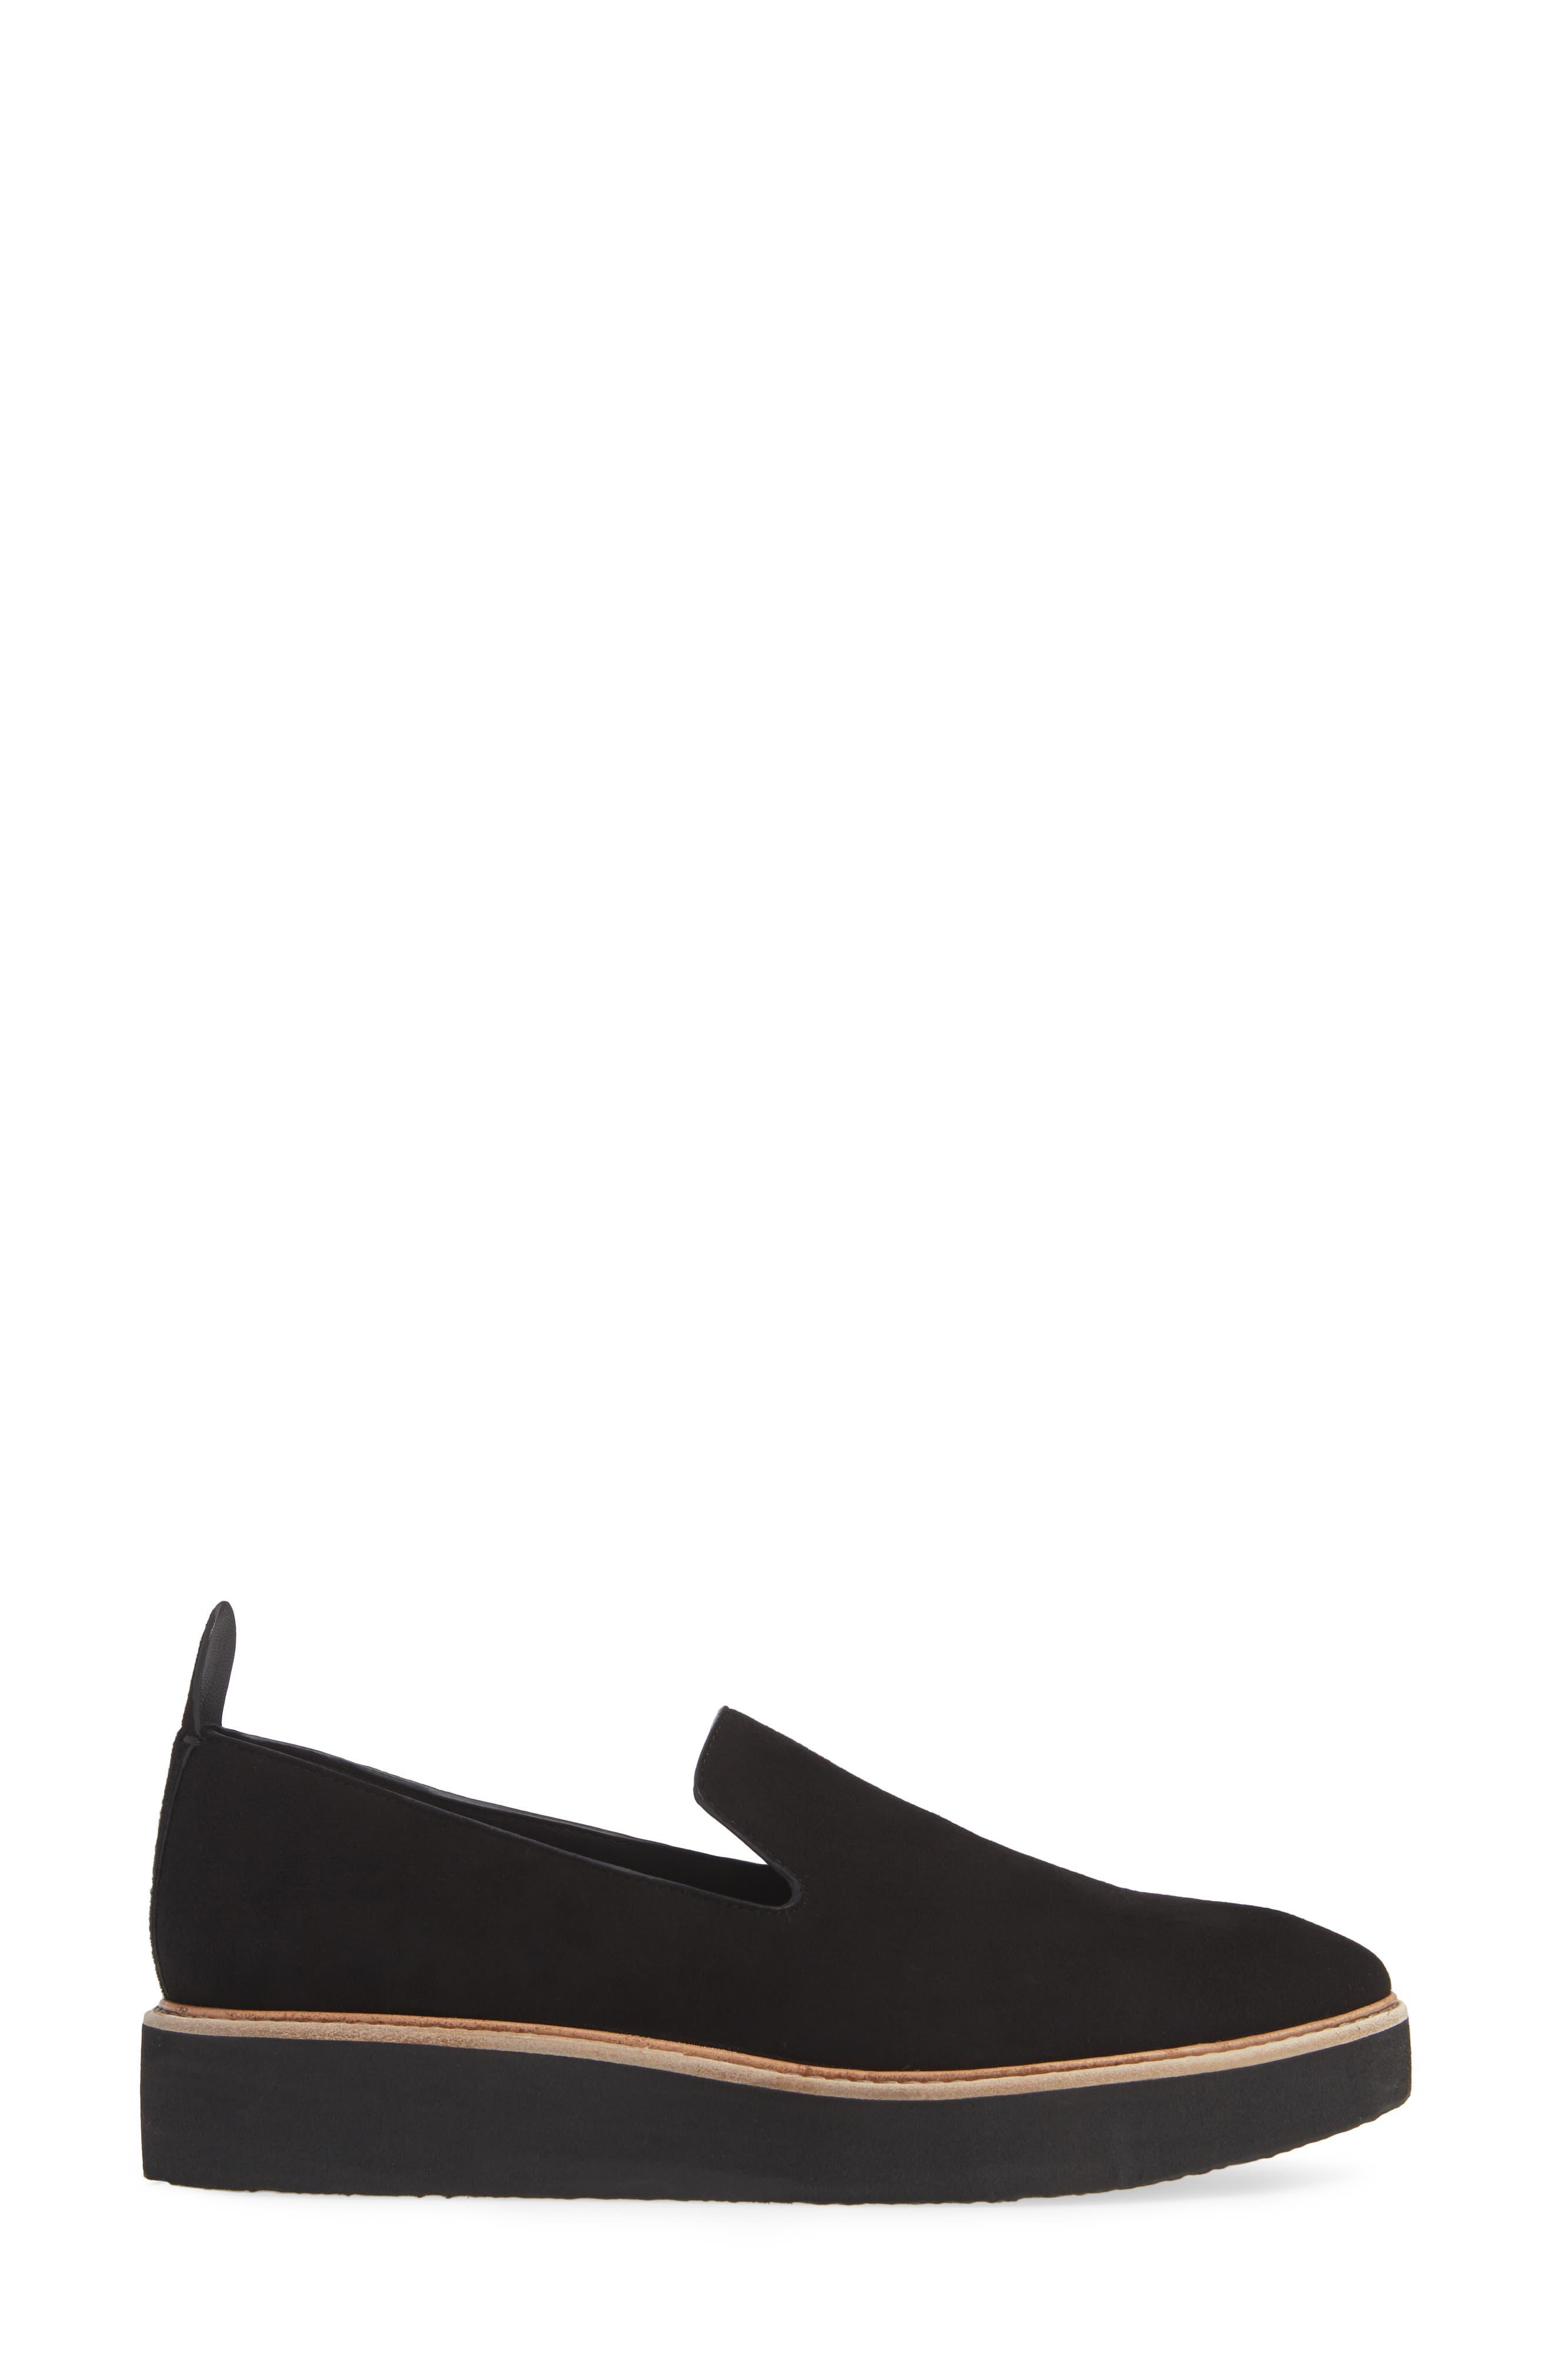 Sanders Slip-On Sneaker,                             Alternate thumbnail 3, color,                             BLACK/ BLACK LEATHER